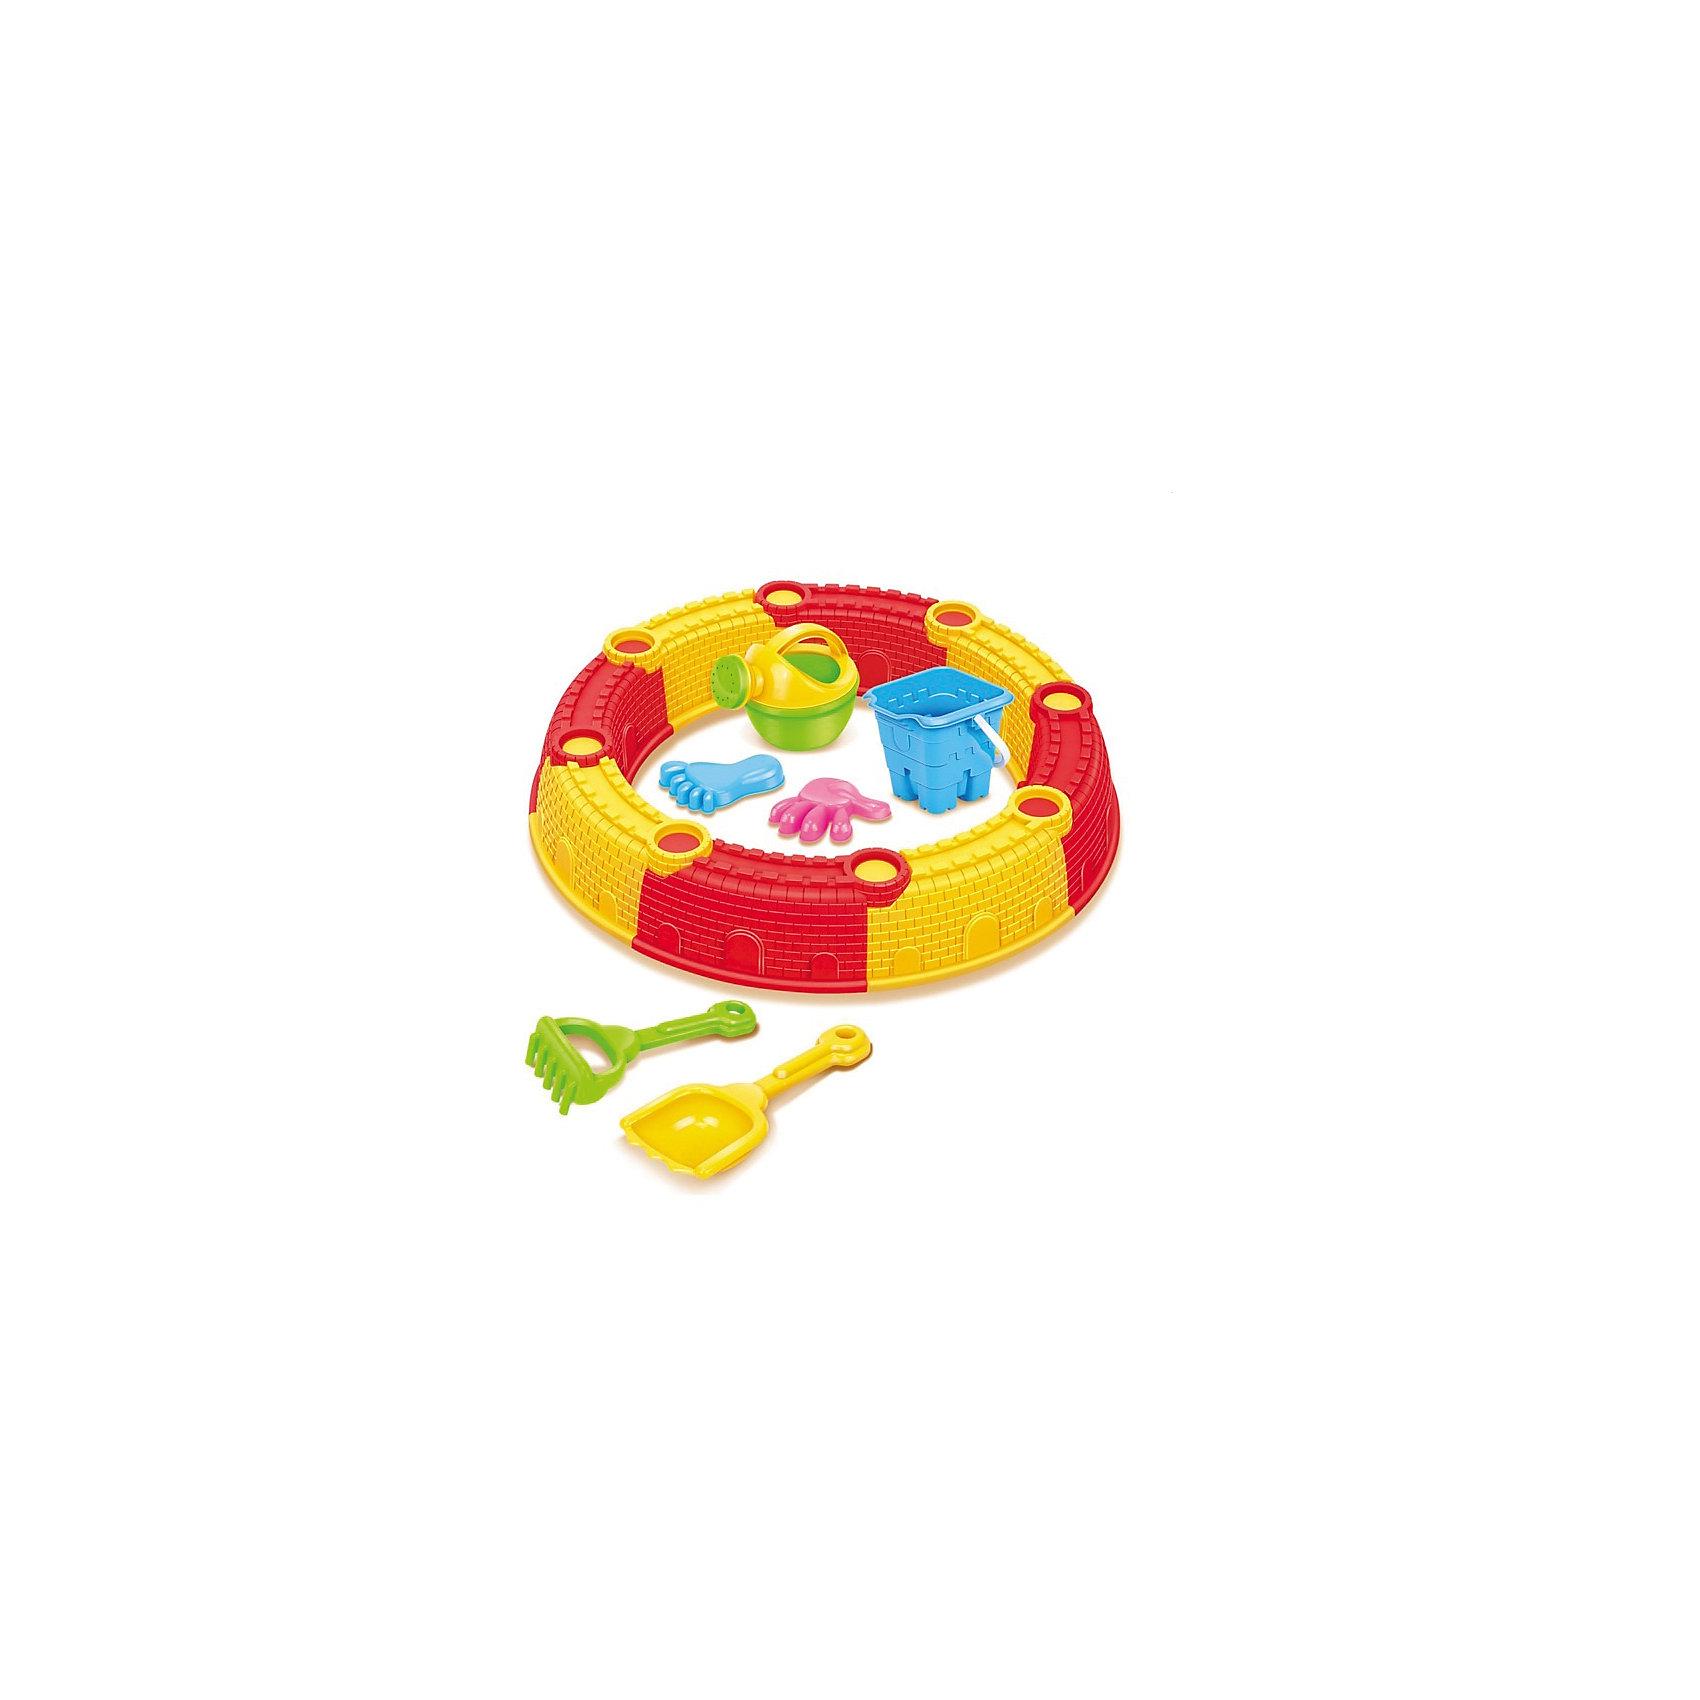 Песочница сборная, круглая, с аксессуарами, Hualian Toys